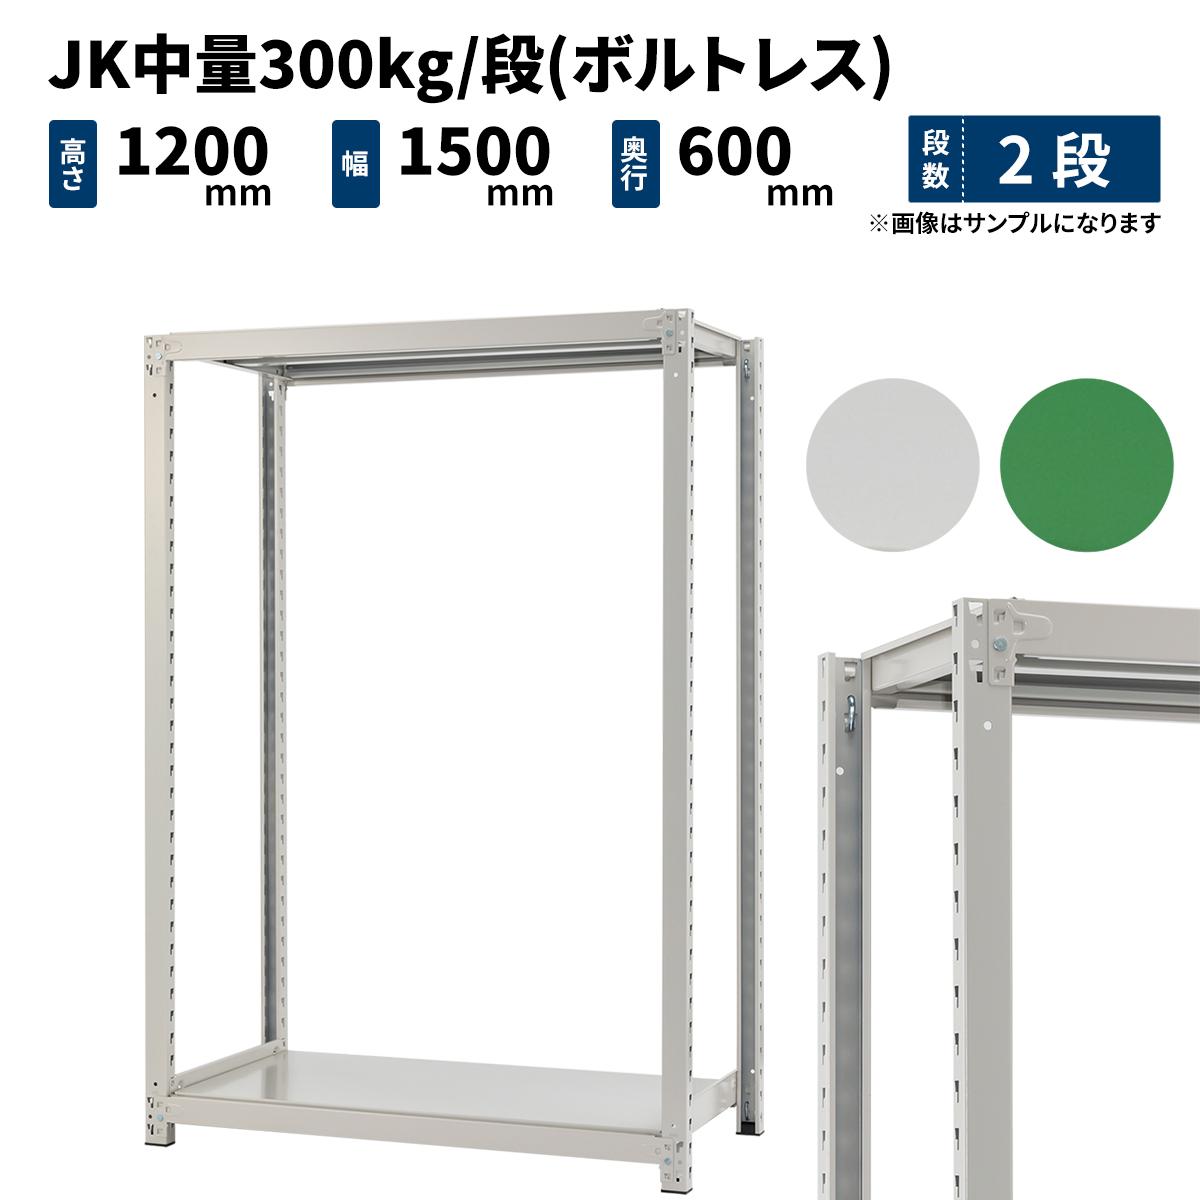 スチールラック 業務用 JK中量300kg/段(ボルトレス) 単体形式 高さ1200×幅1500×奥行600mm 2段 ホワイトグレー/グリーン (41kg) JK300_T-121506-2